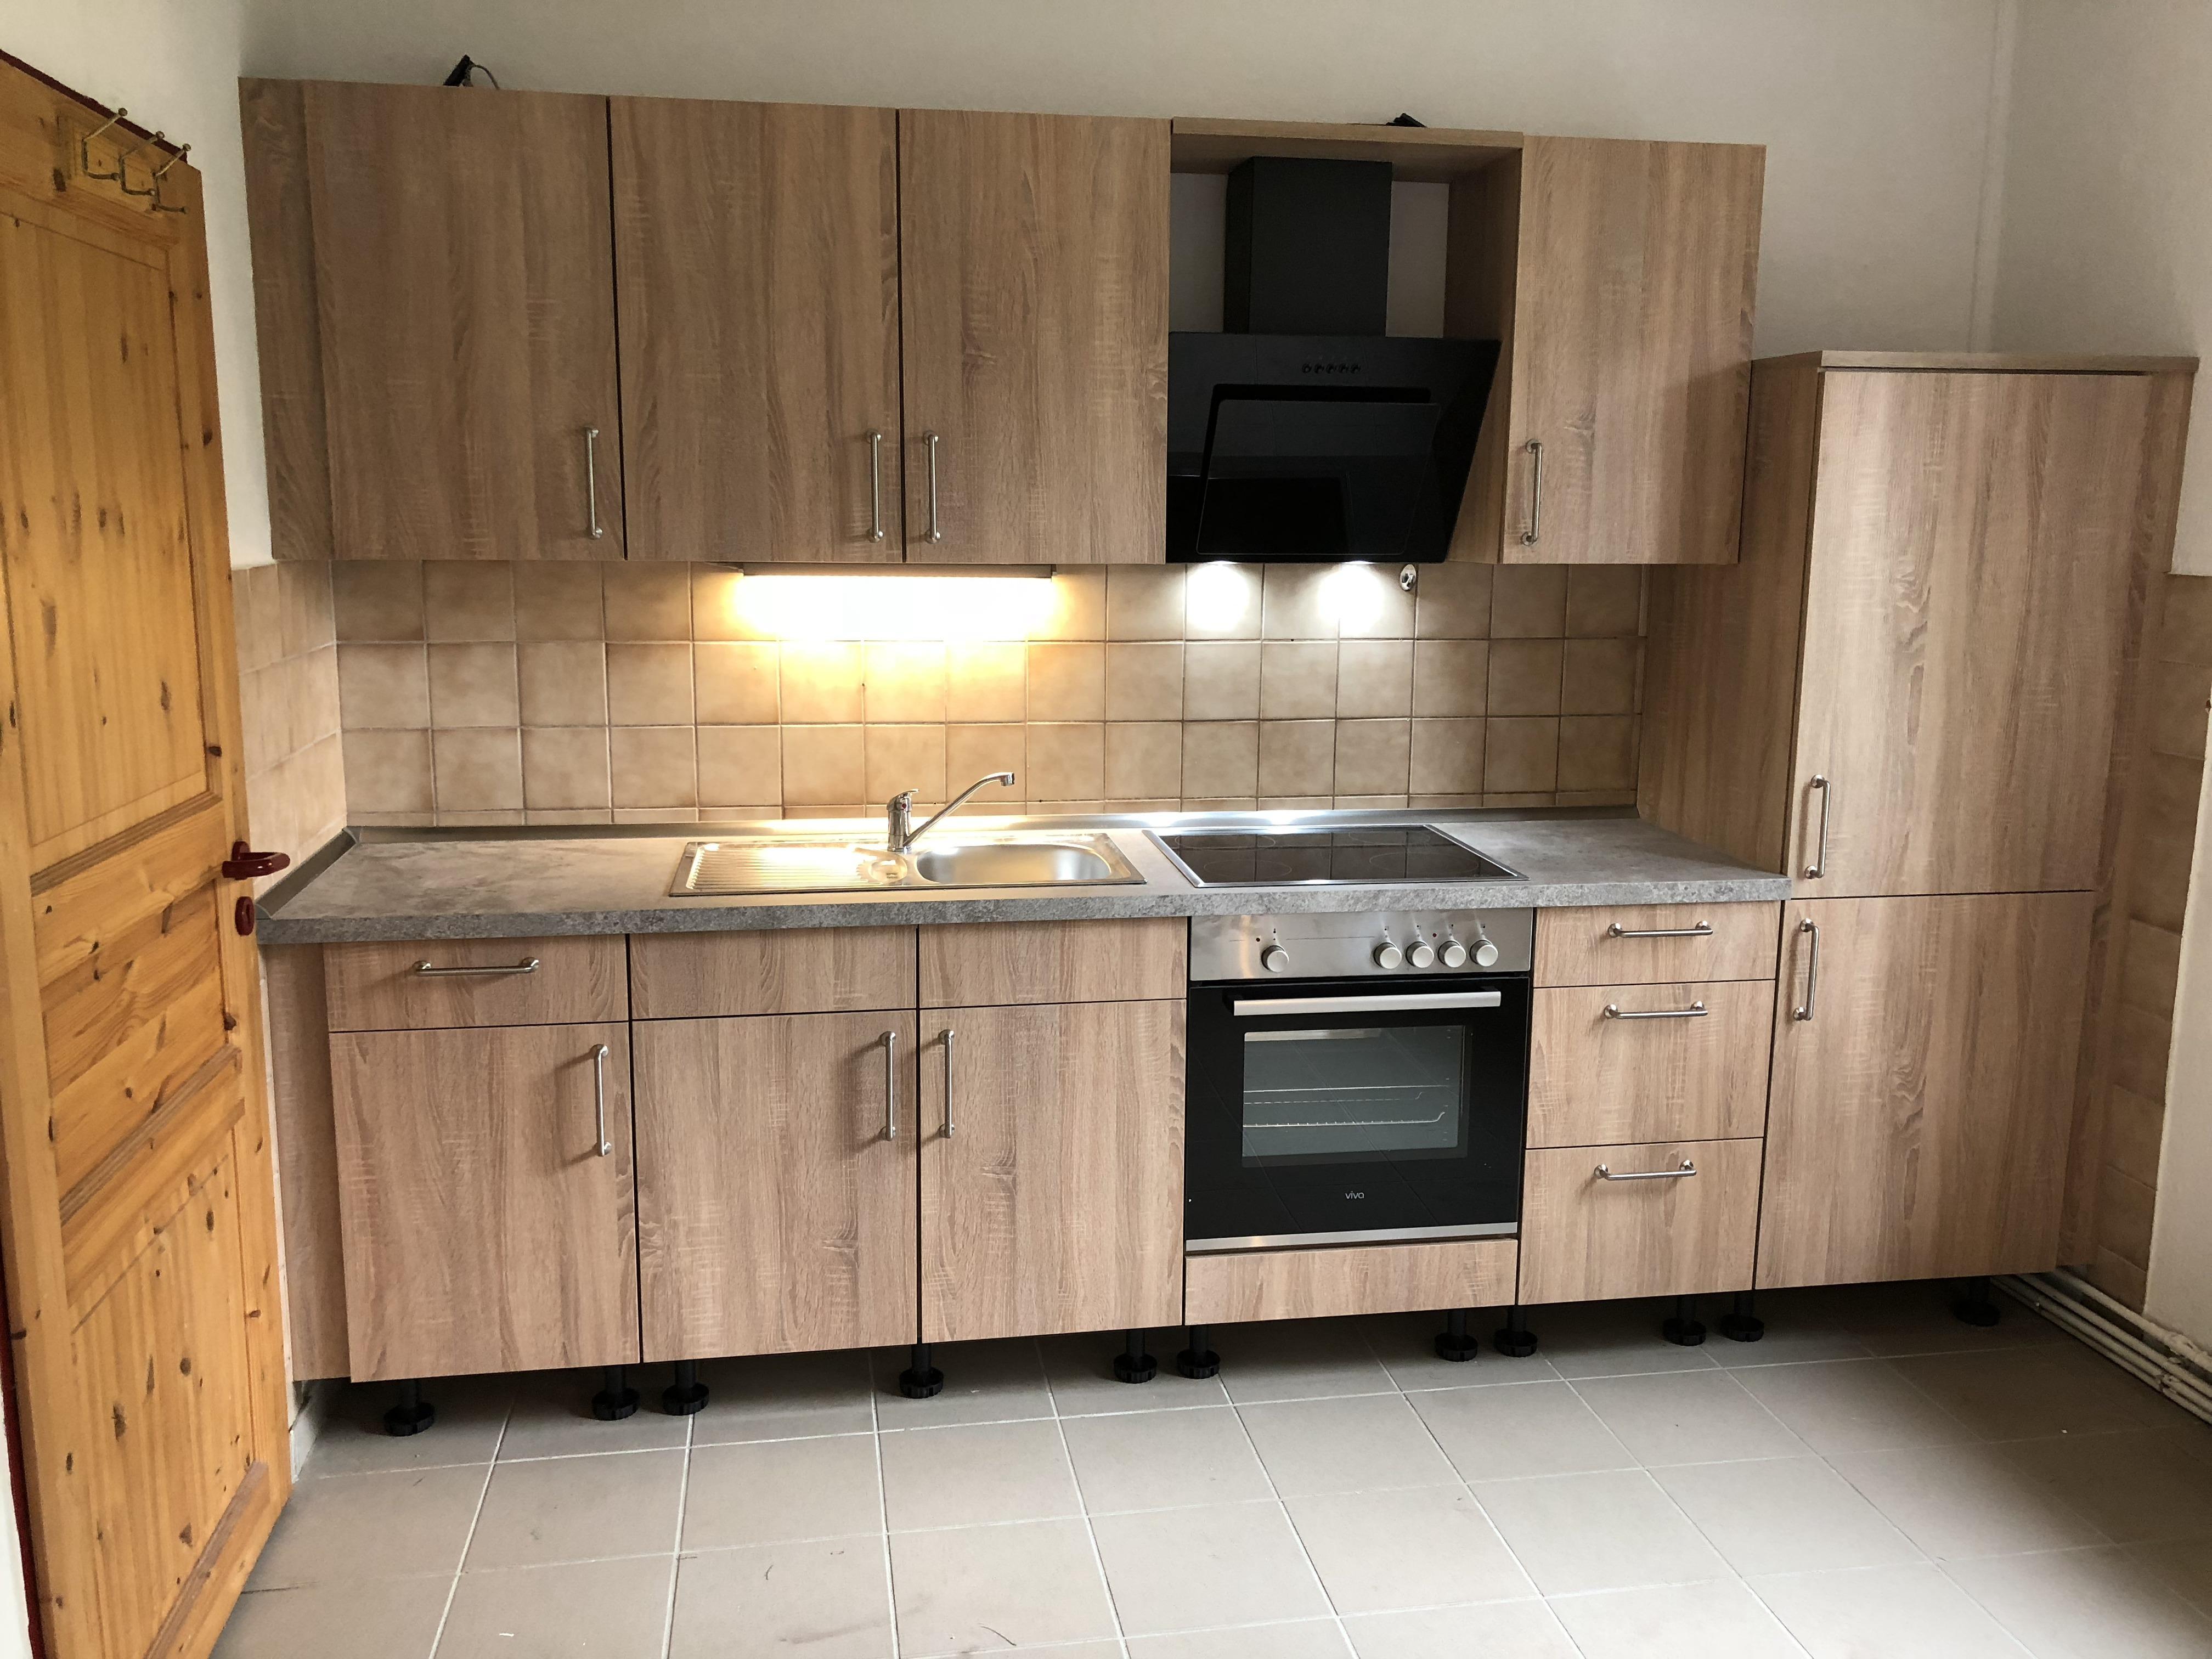 Küchenzeile in Sonoma Eiche_Wohngruppe_2